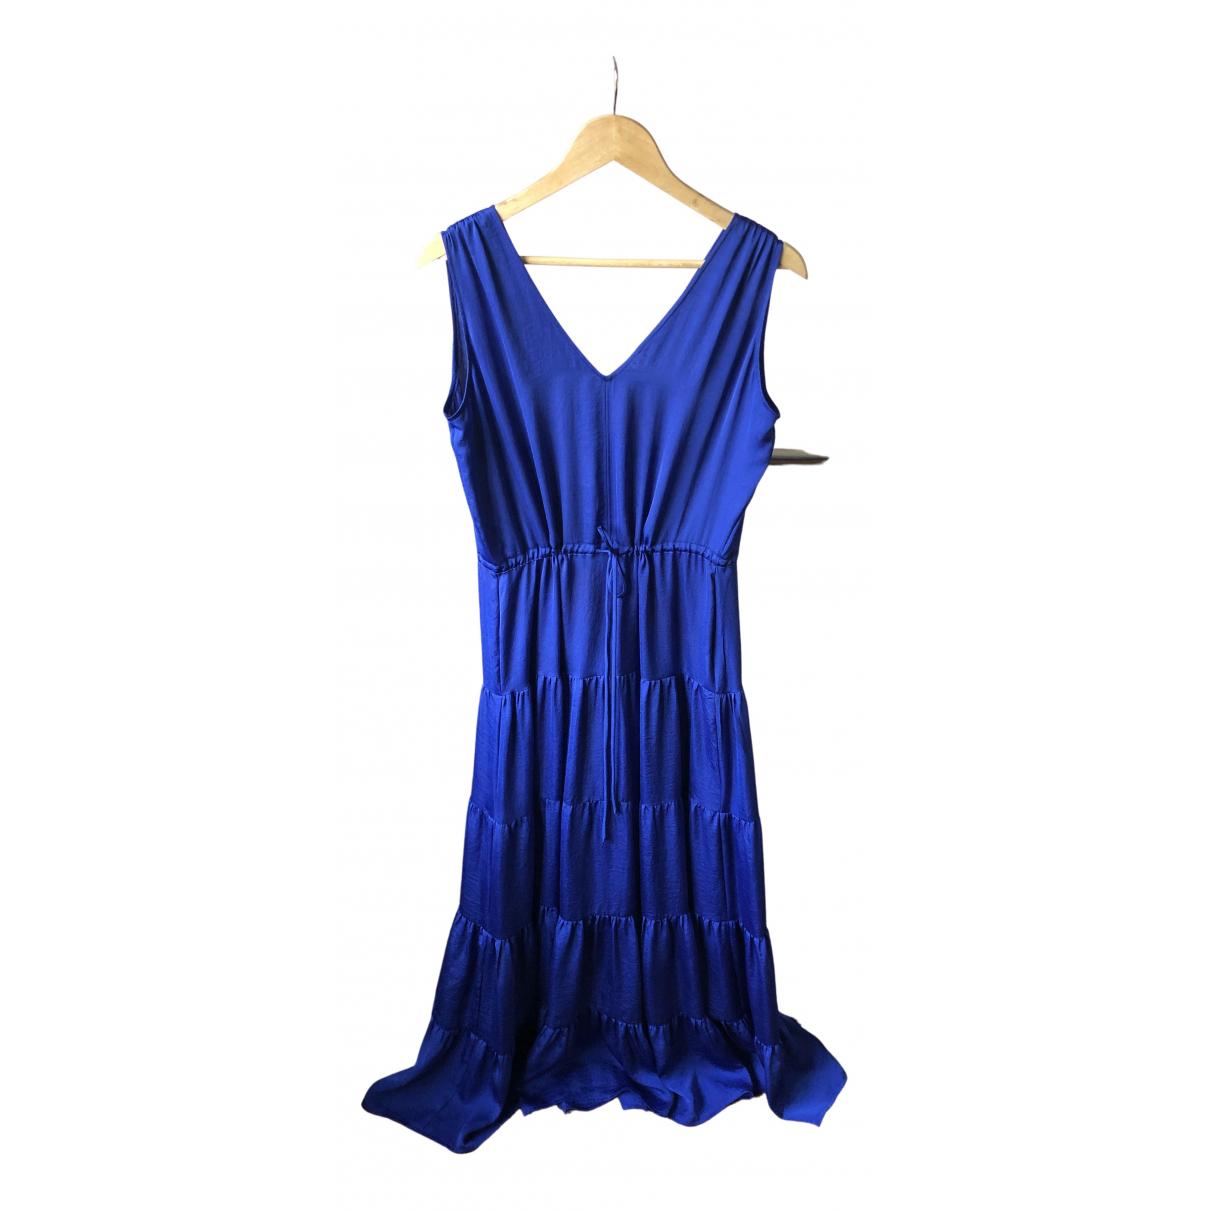 Dkny \N Kleid in  Blau Polyester